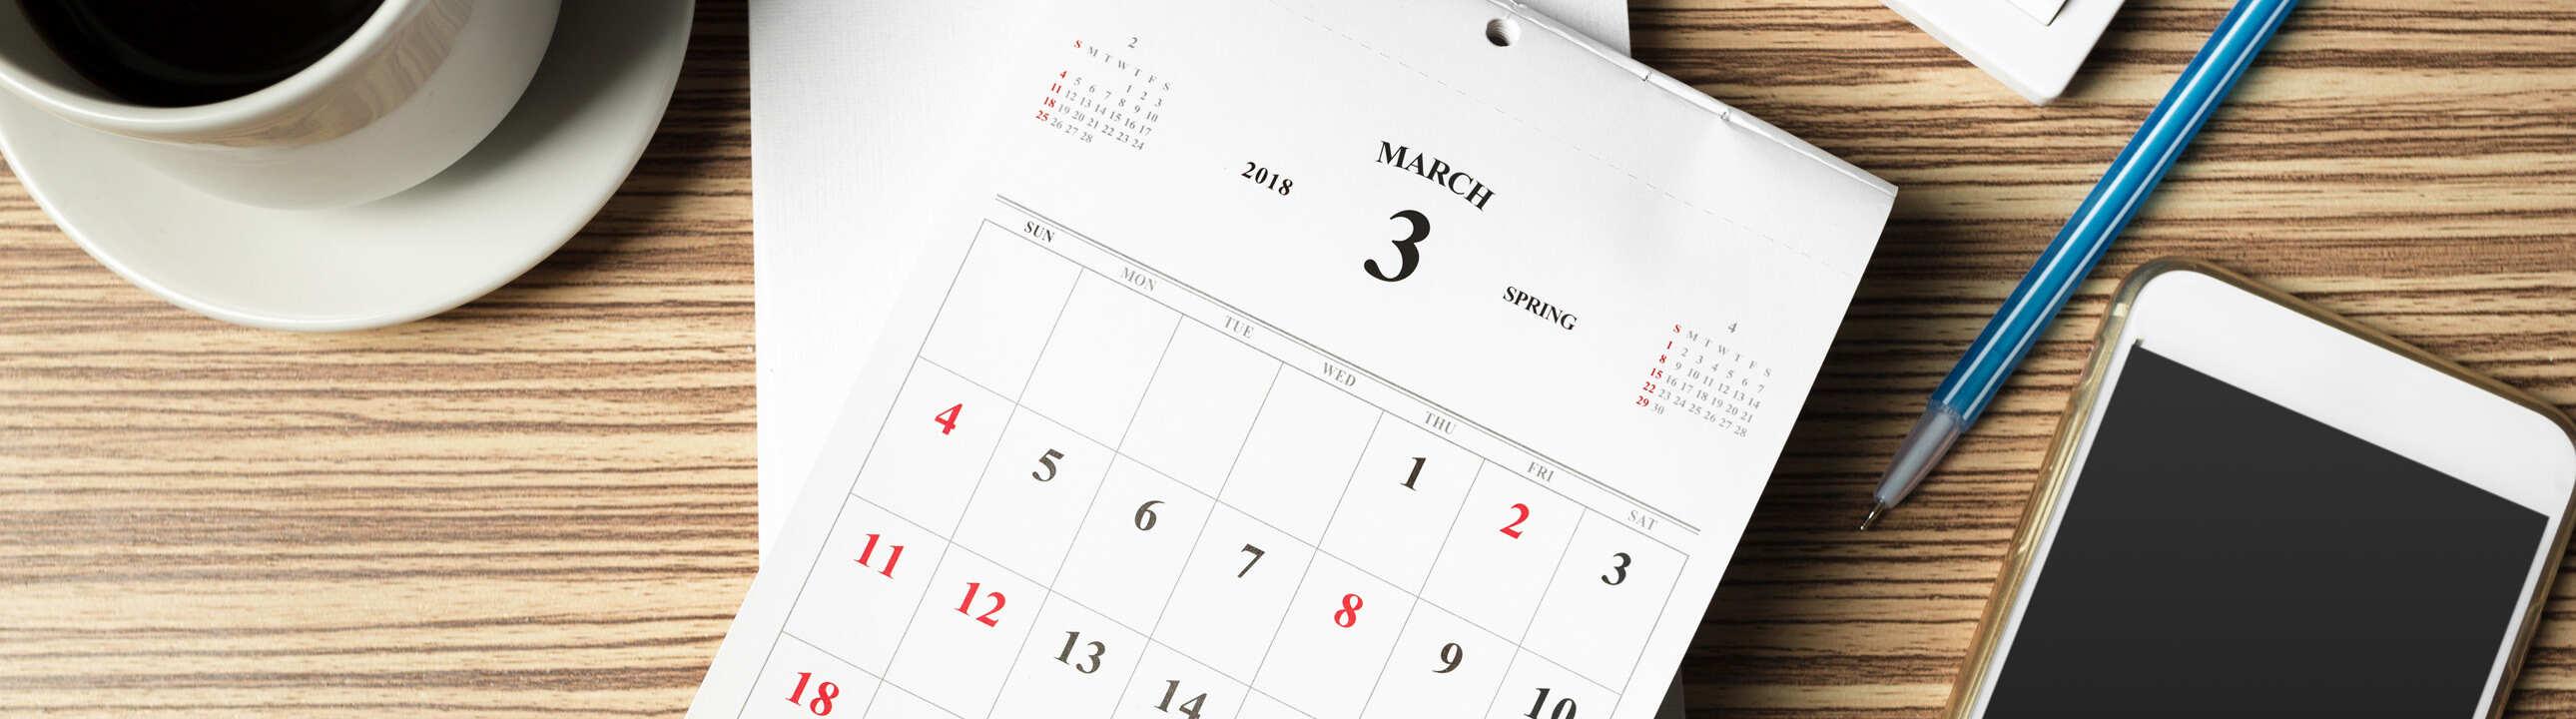 Wvu Calendar 2021-22 Academic Calendars | WVU Parkersburg